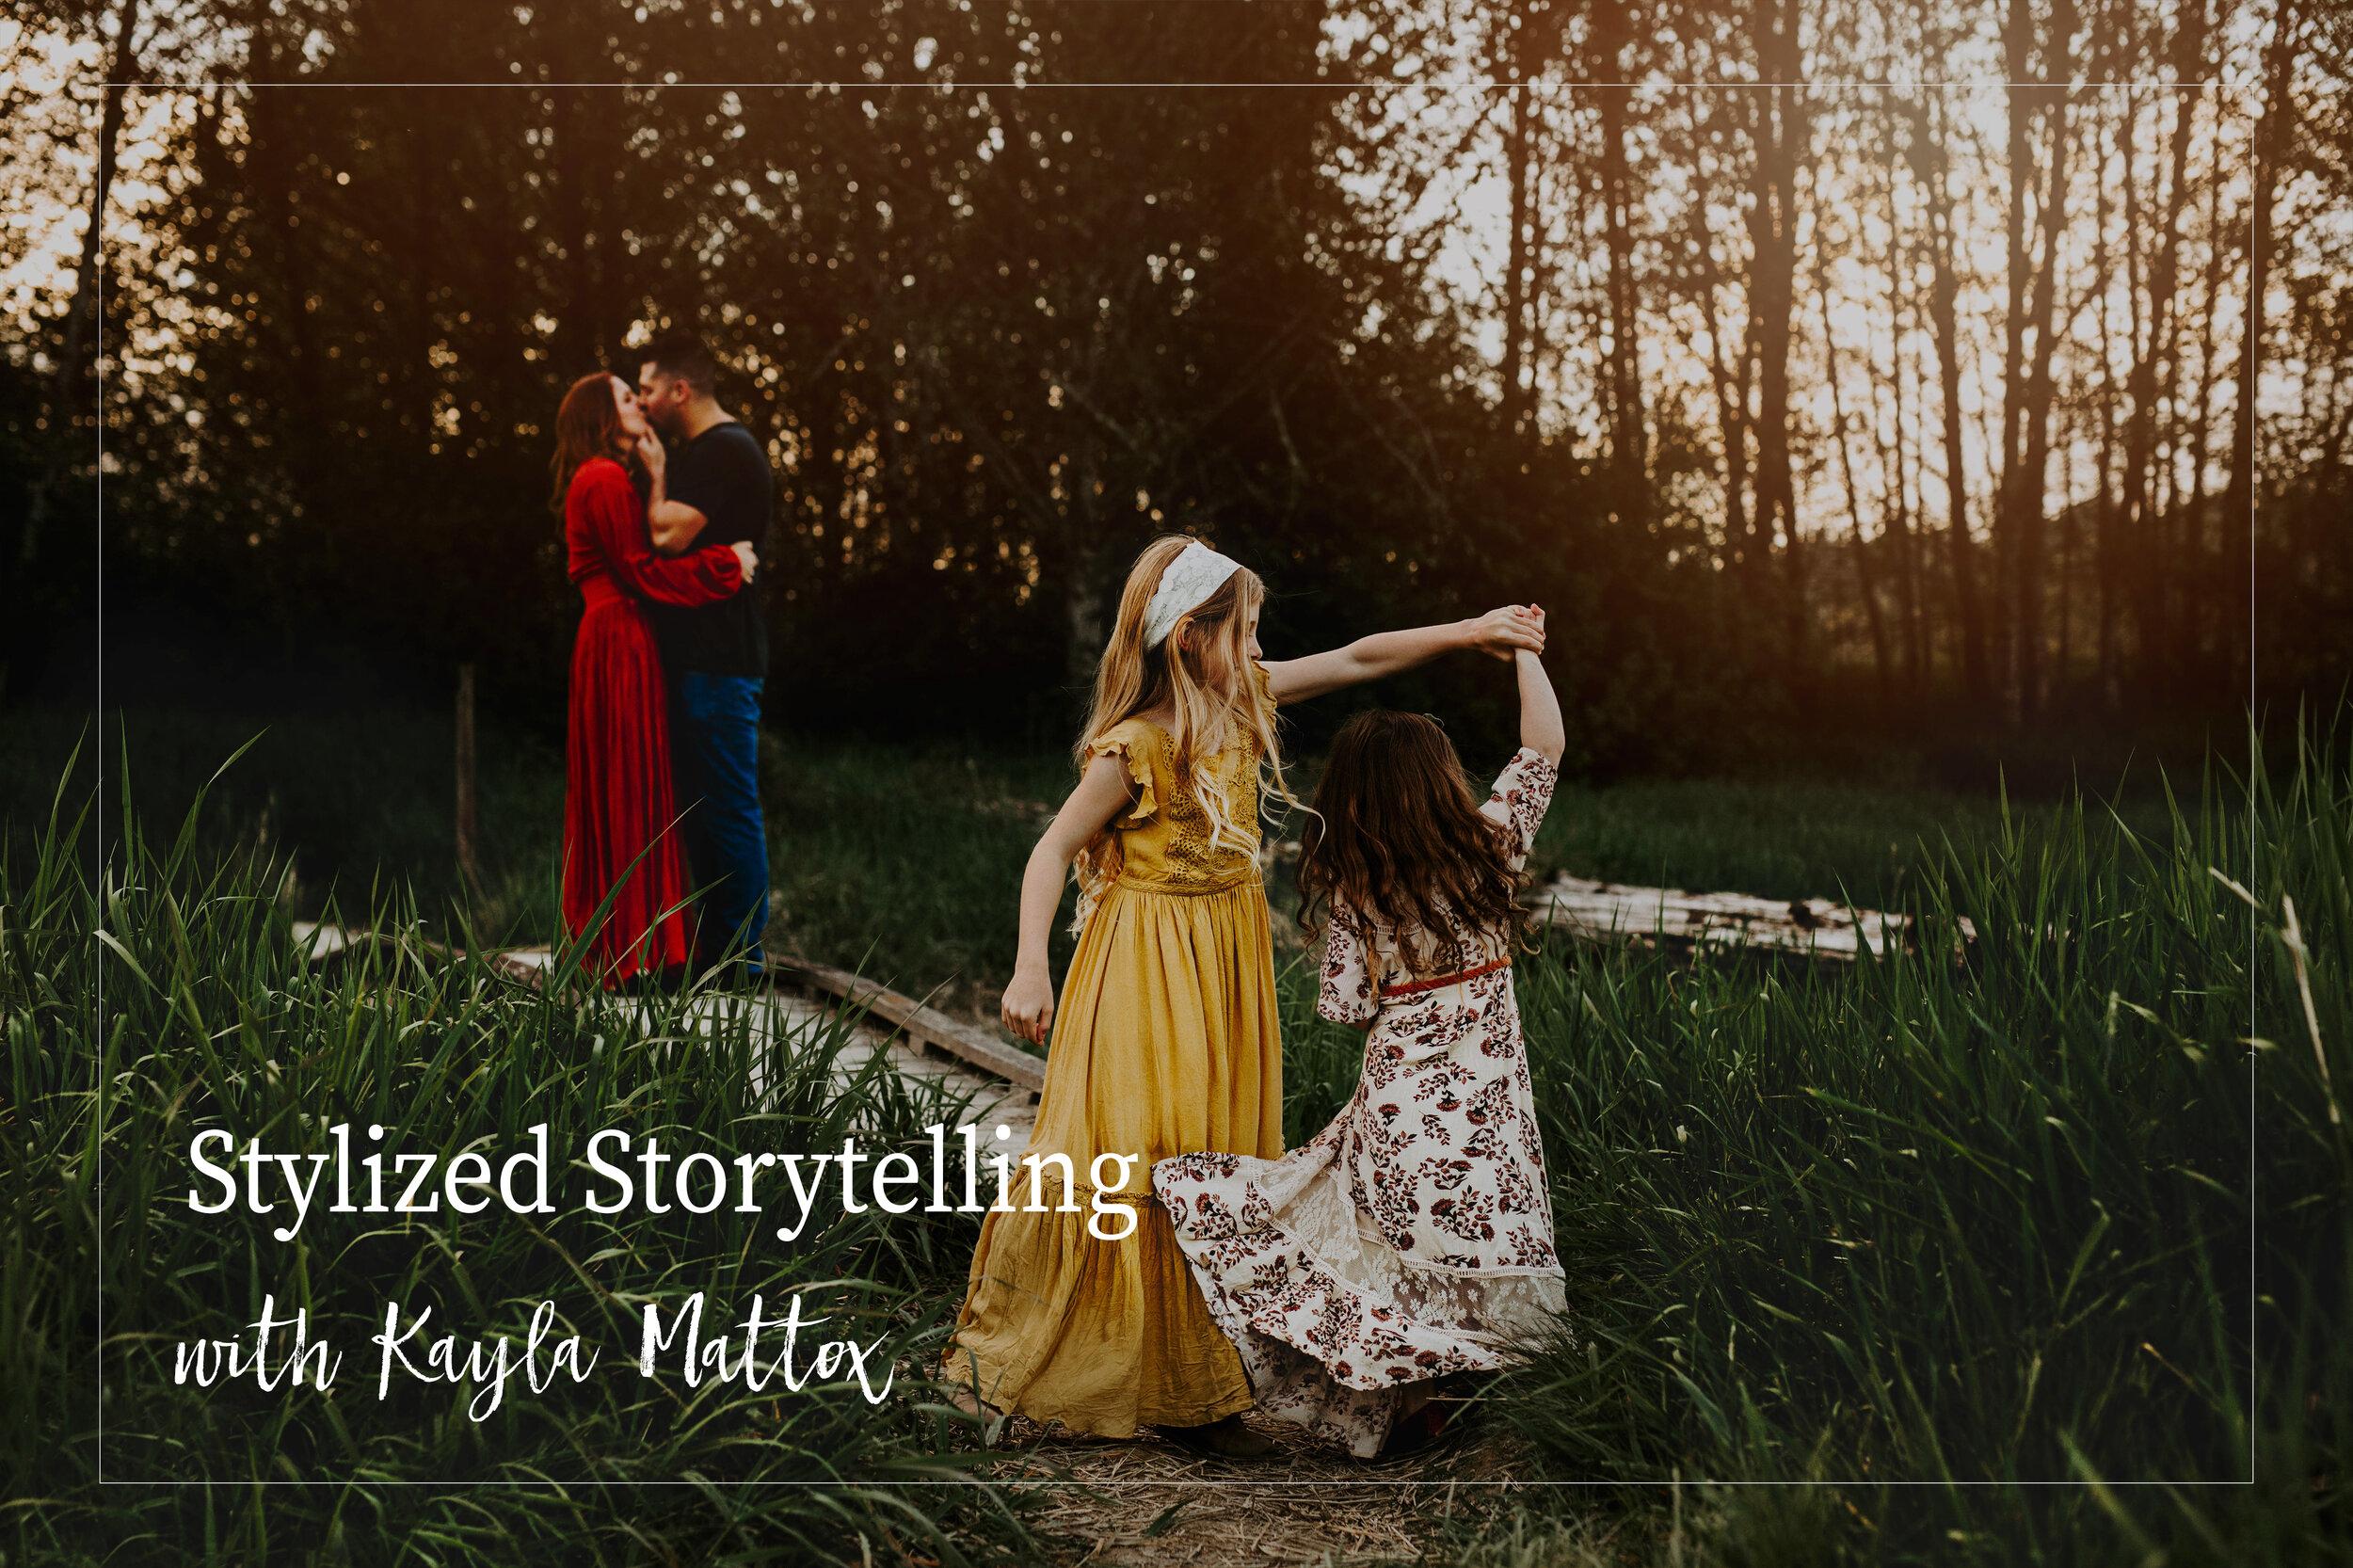 Stylized Storytelling - with Kayla Mattox